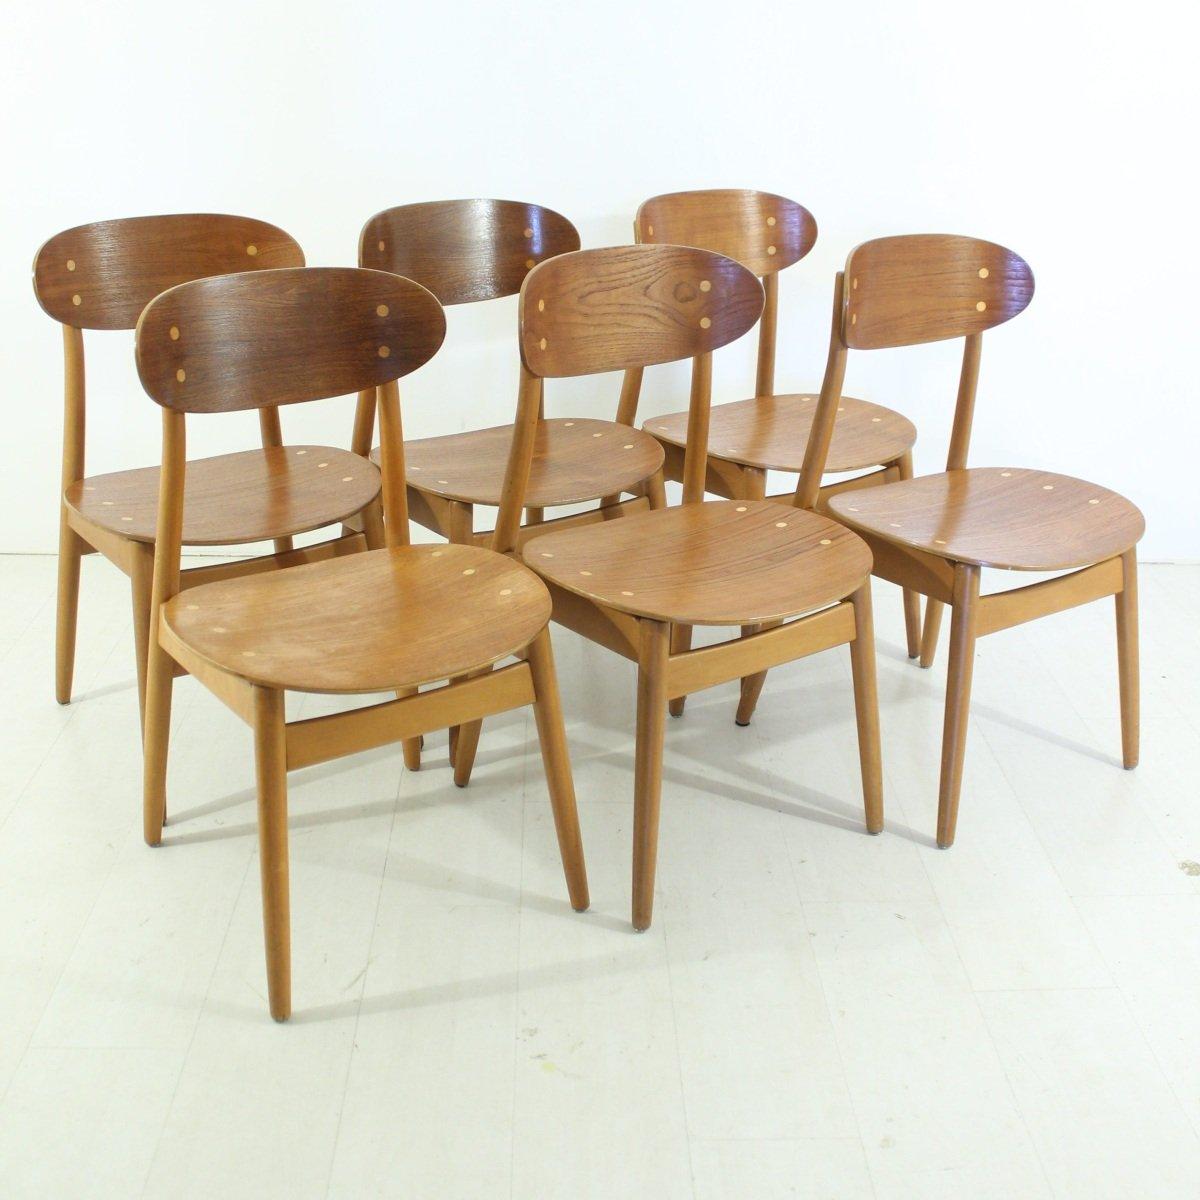 schwedische esszimmerst hle von alf svensson f r hagen fors 6er set bei pamono kaufen. Black Bedroom Furniture Sets. Home Design Ideas